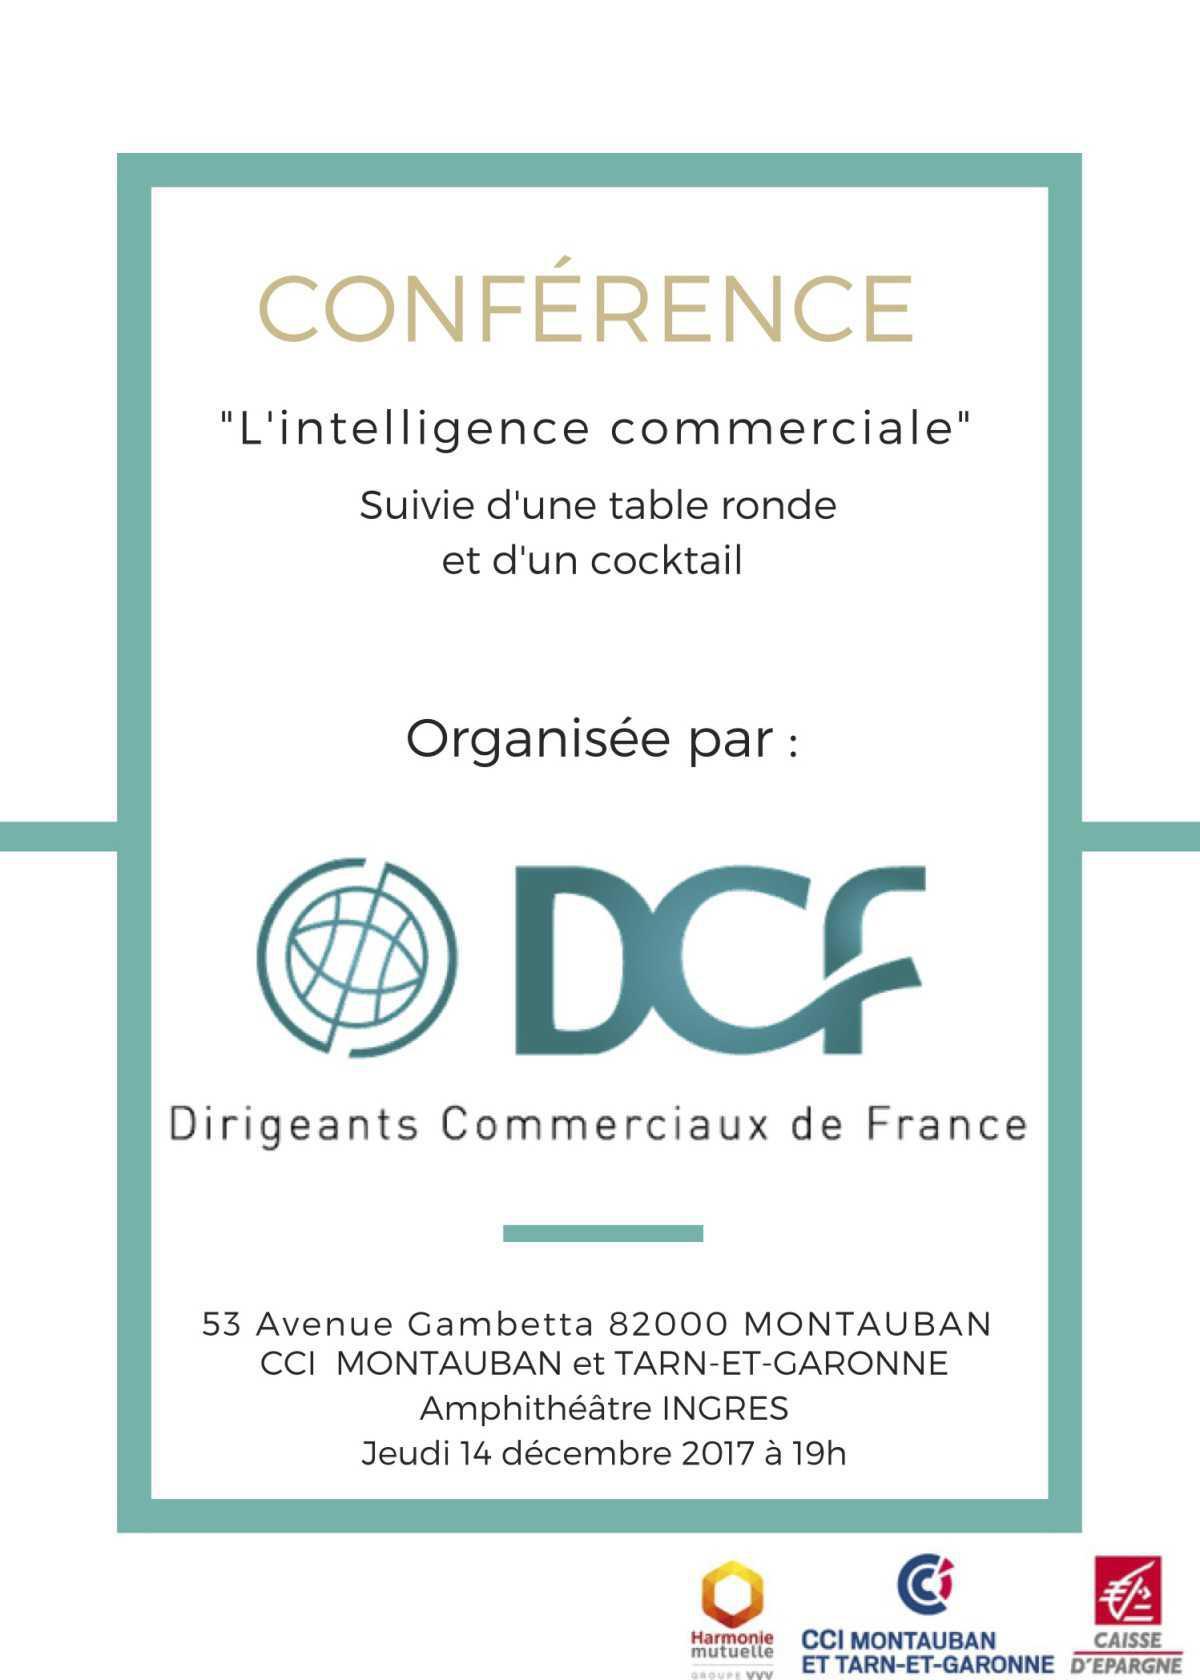 La 1ère soirée DCF organisée à Montauban sur le thème de l'Intelligence Commerciale.